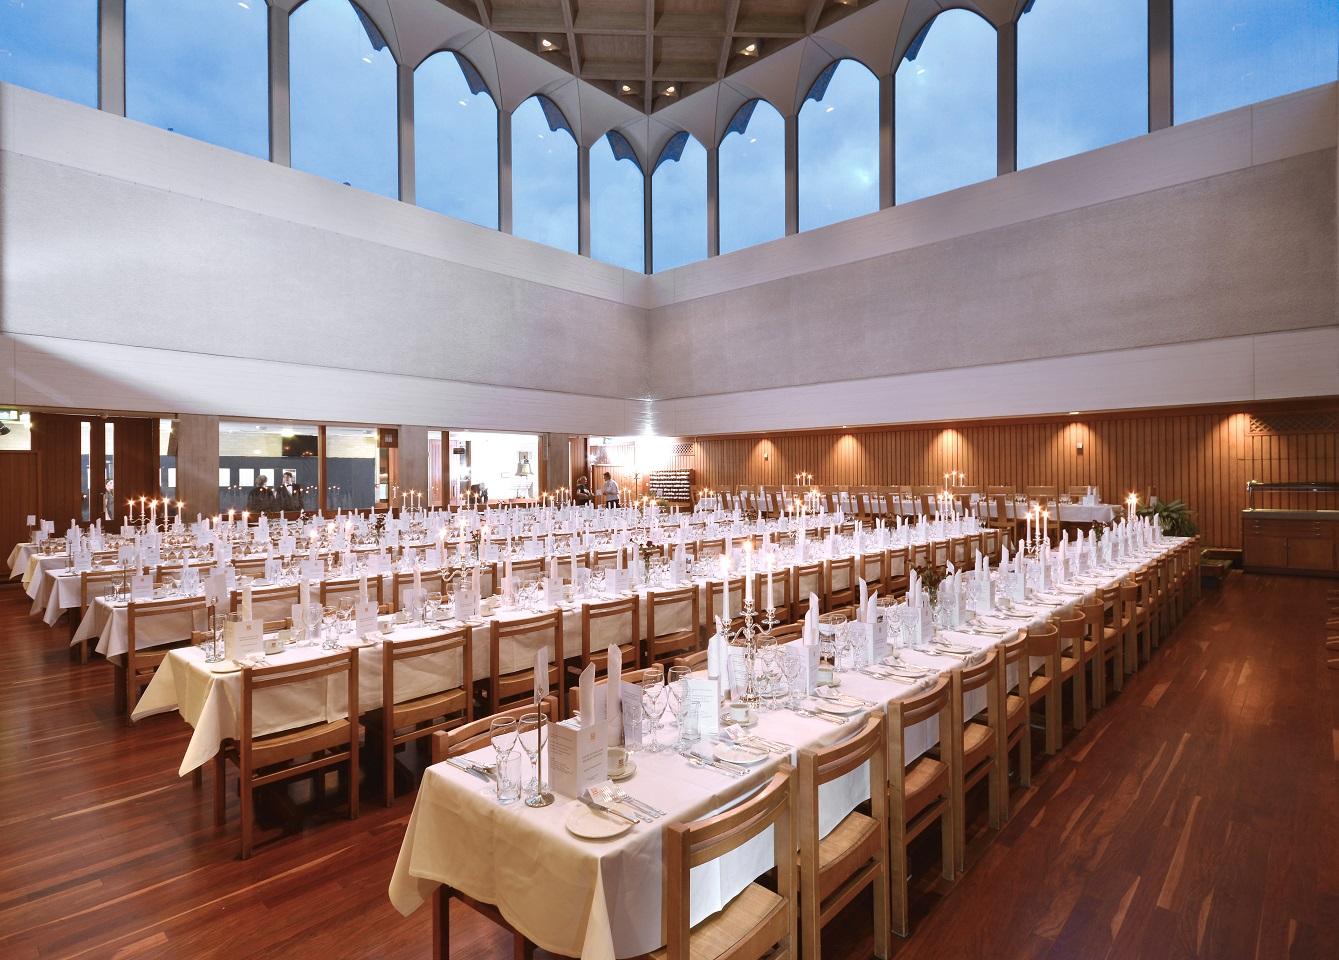 Dining Hall 3